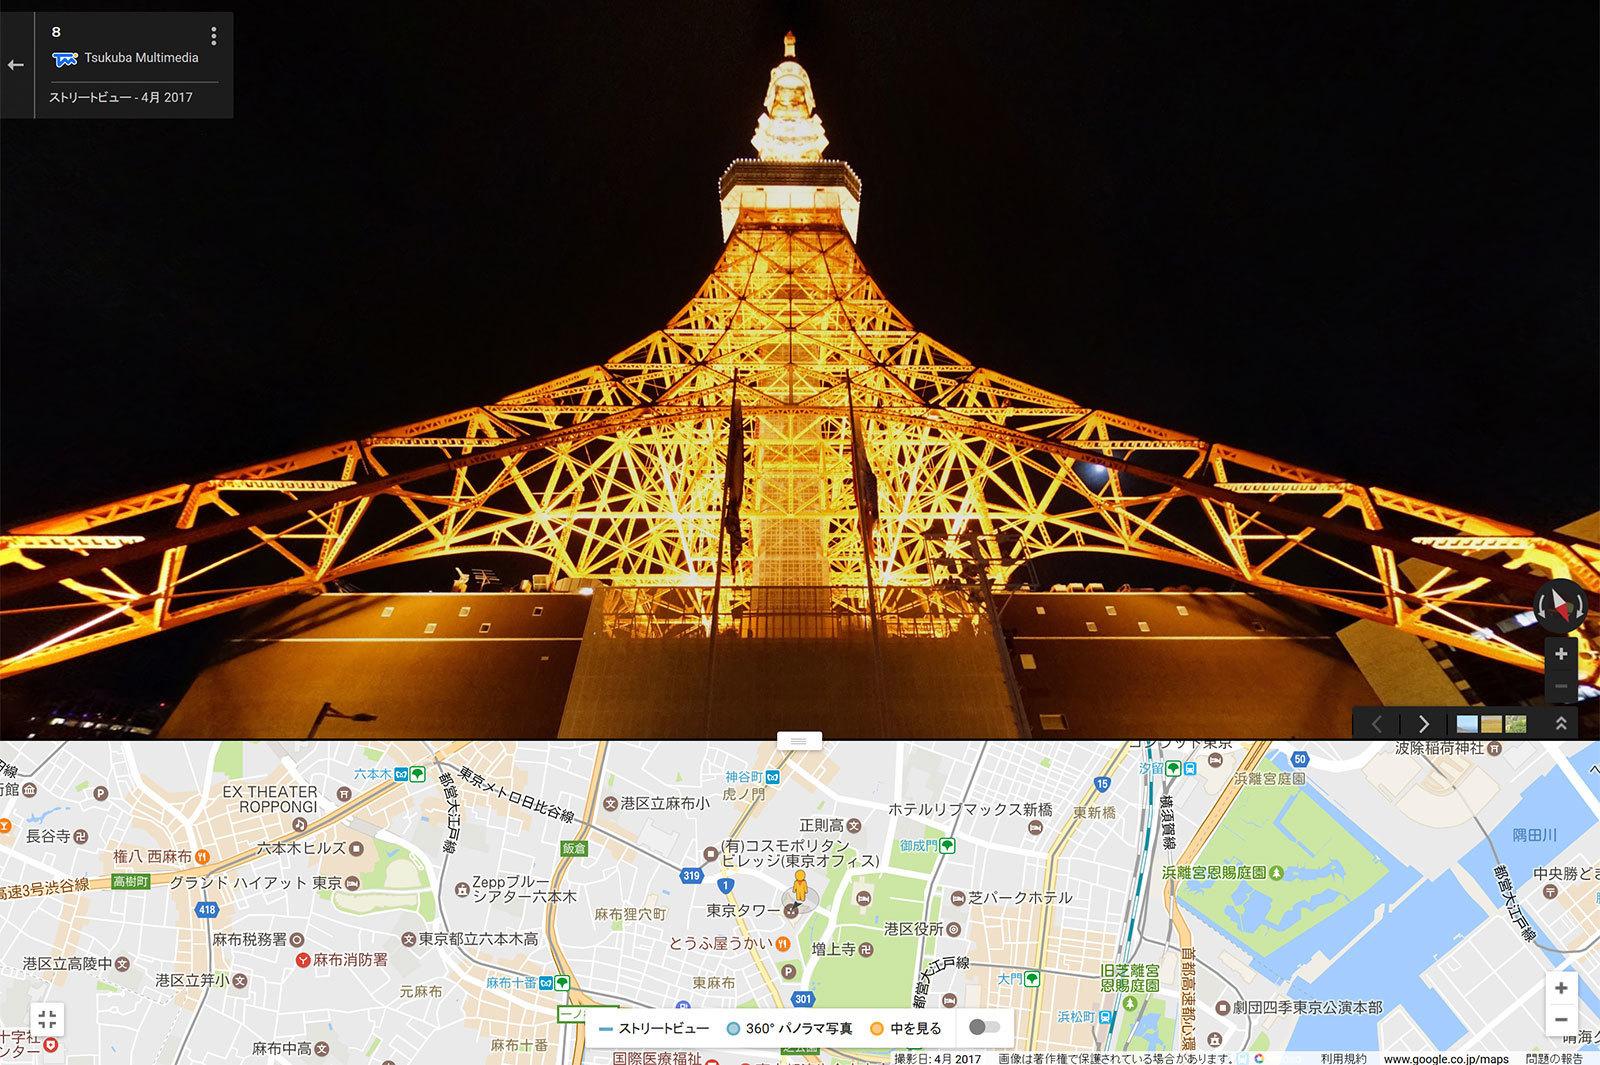 東京タワーのGoogleストリートビュー写真